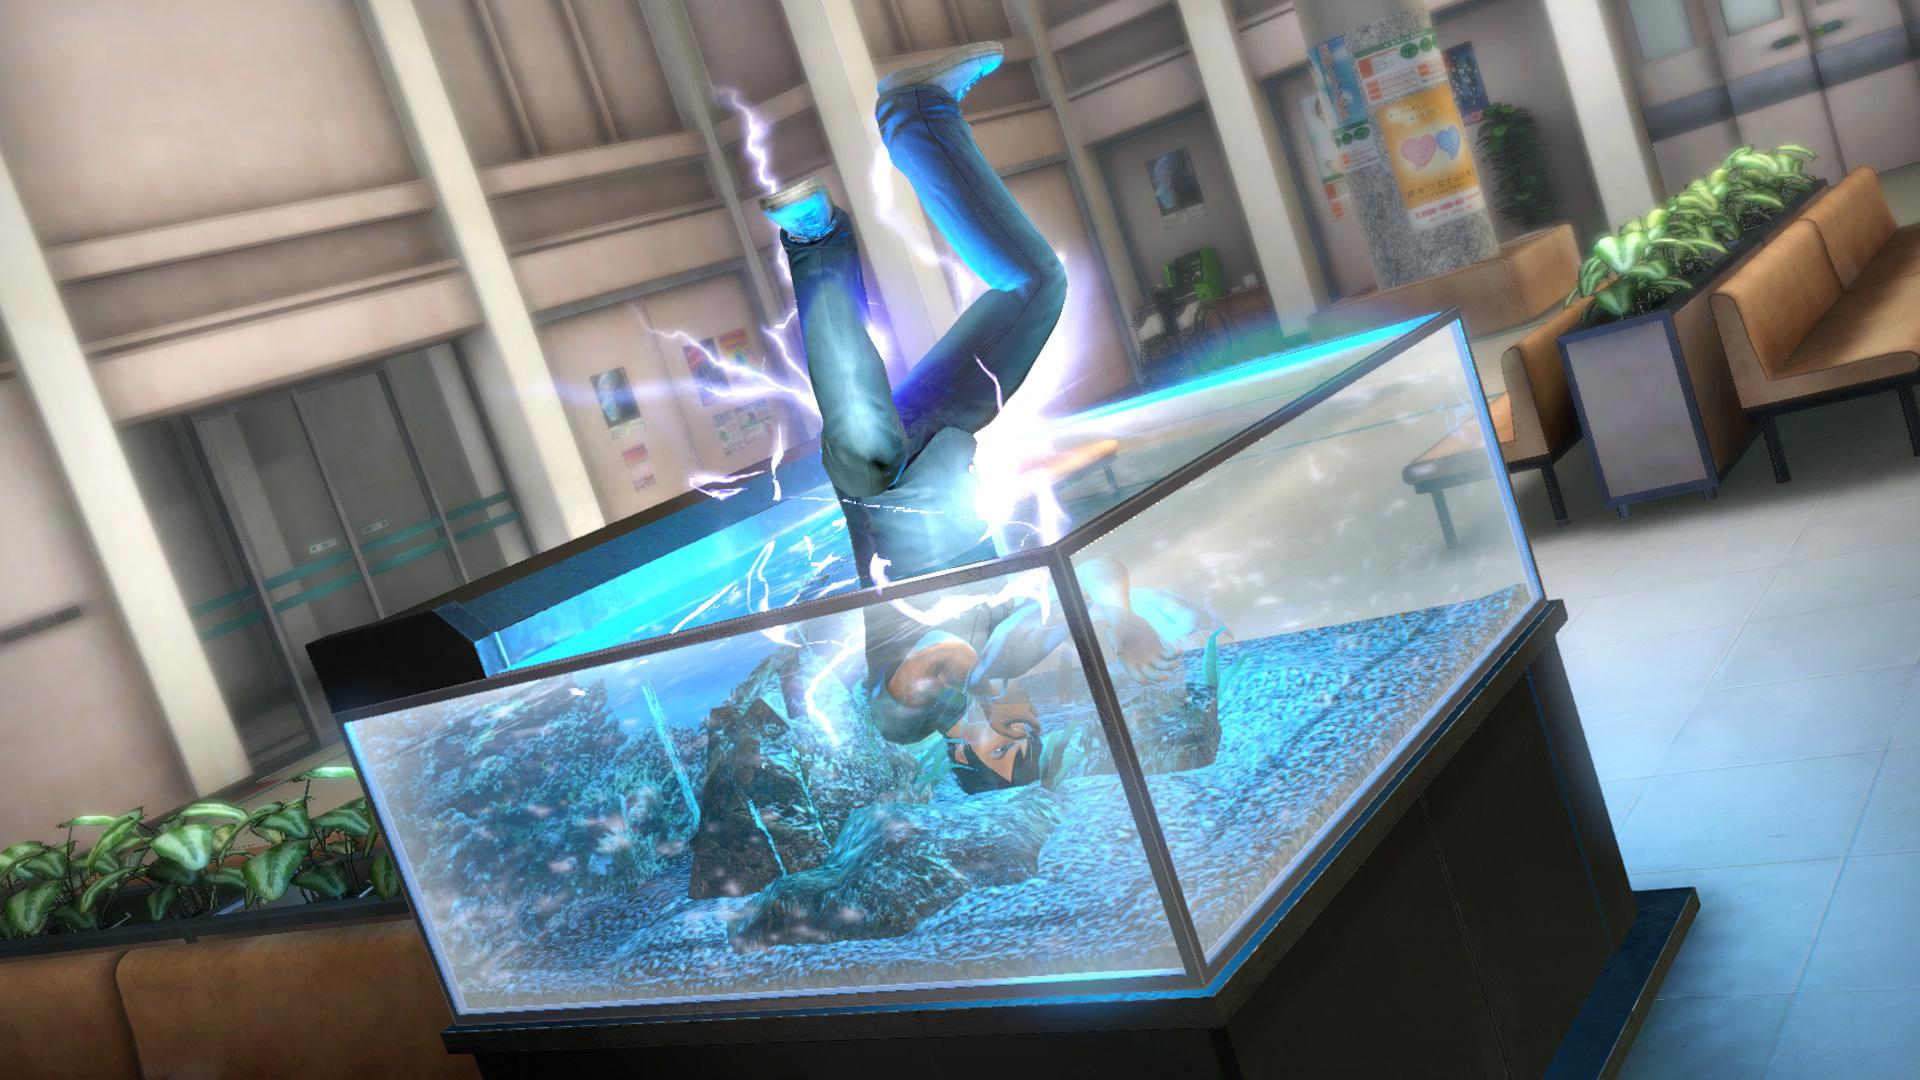 仕掛け「水槽」。キックで打ち上げて水槽に飛ばすと、水槽に頭から落下させることが可能。さらに漏電した電気で痺れさせることもできる